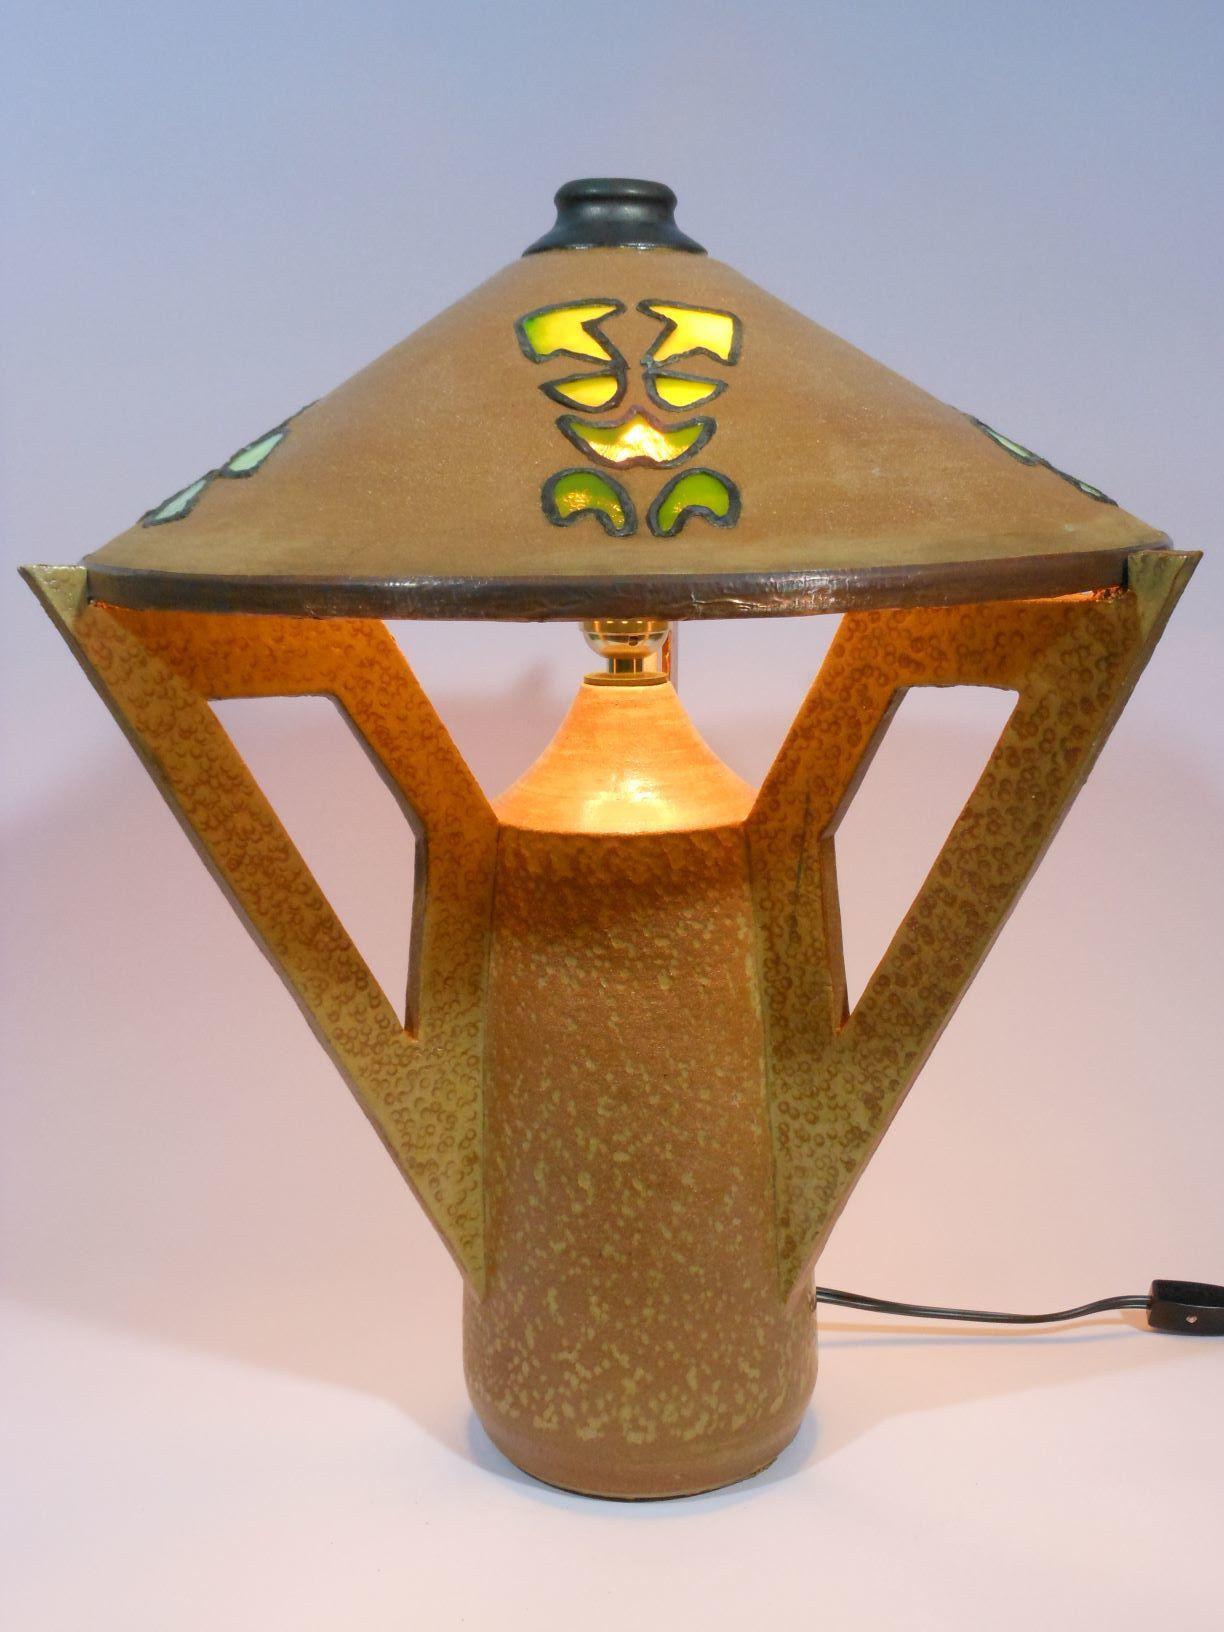 lamp 2-3 - John Bowers.JPG